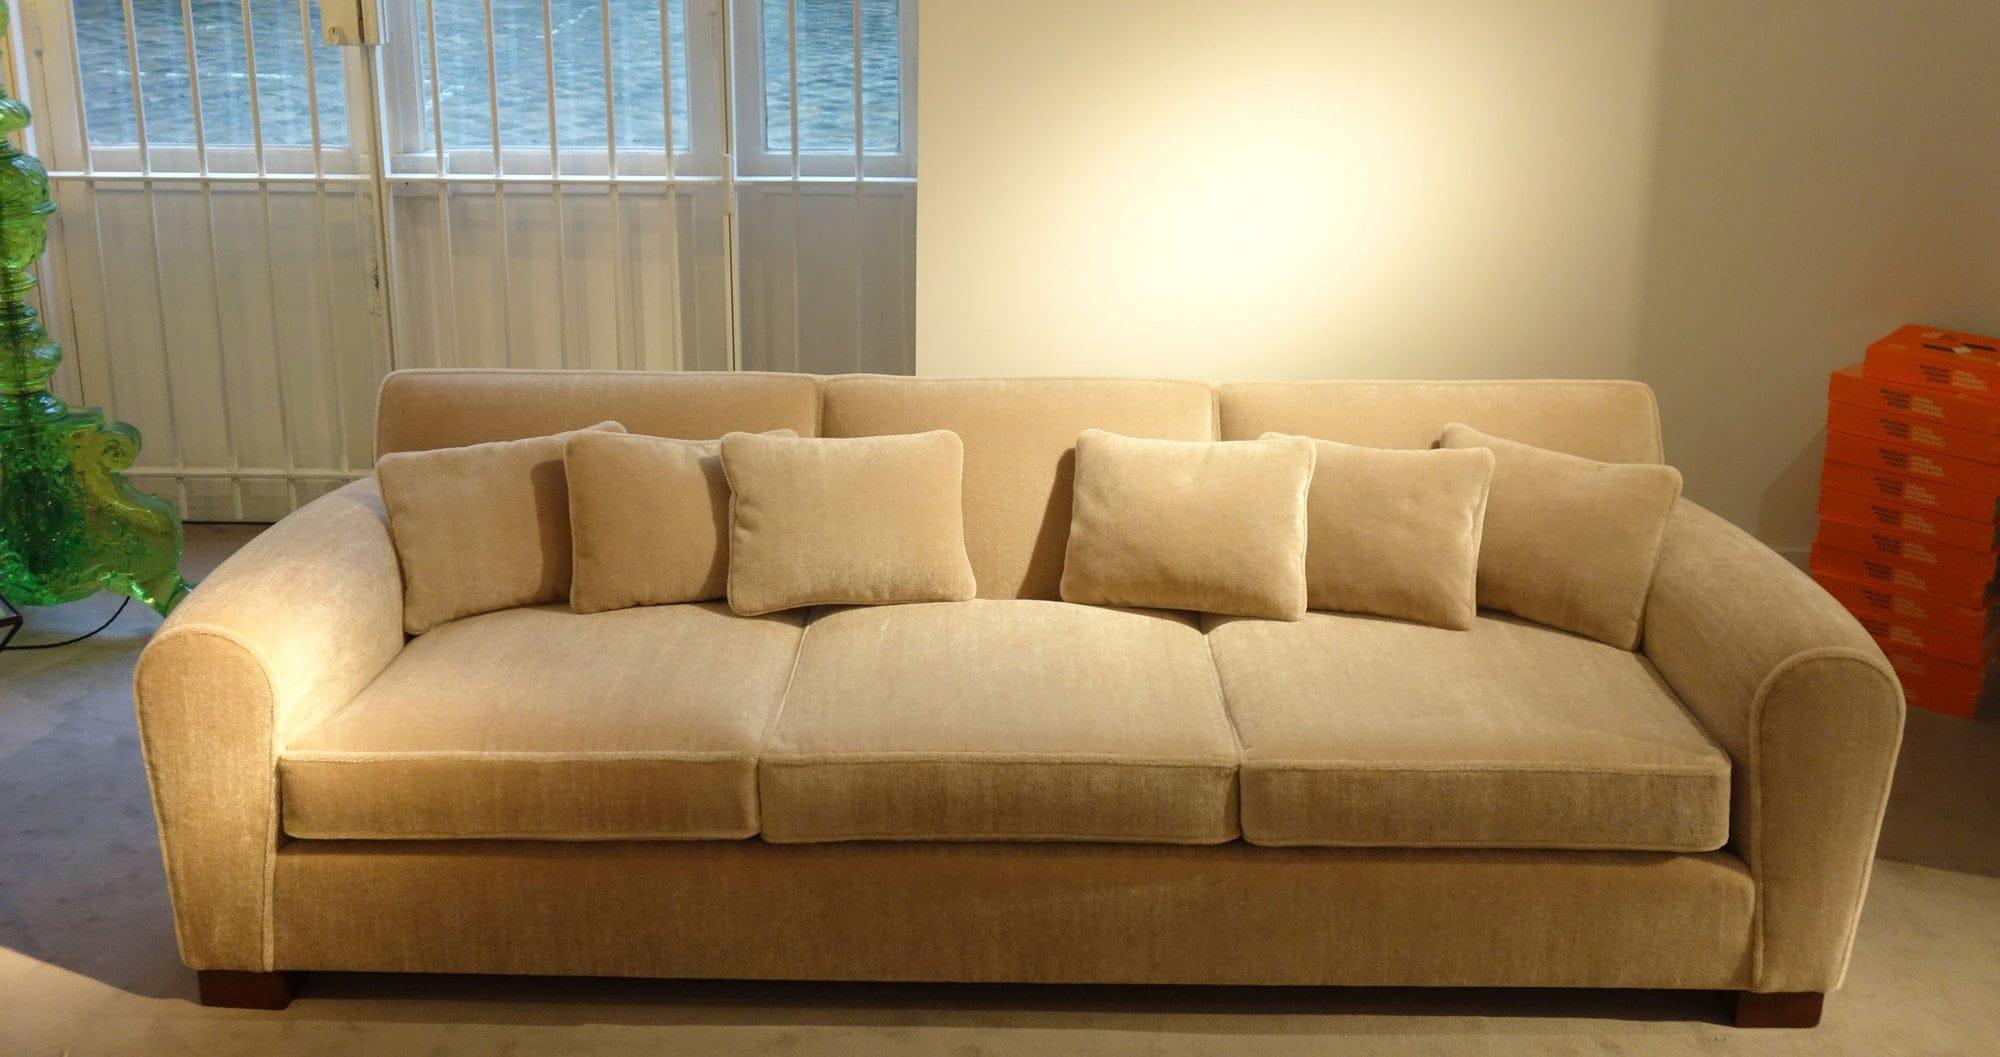 Jean Royère, Rare sofa (sold), vue 01